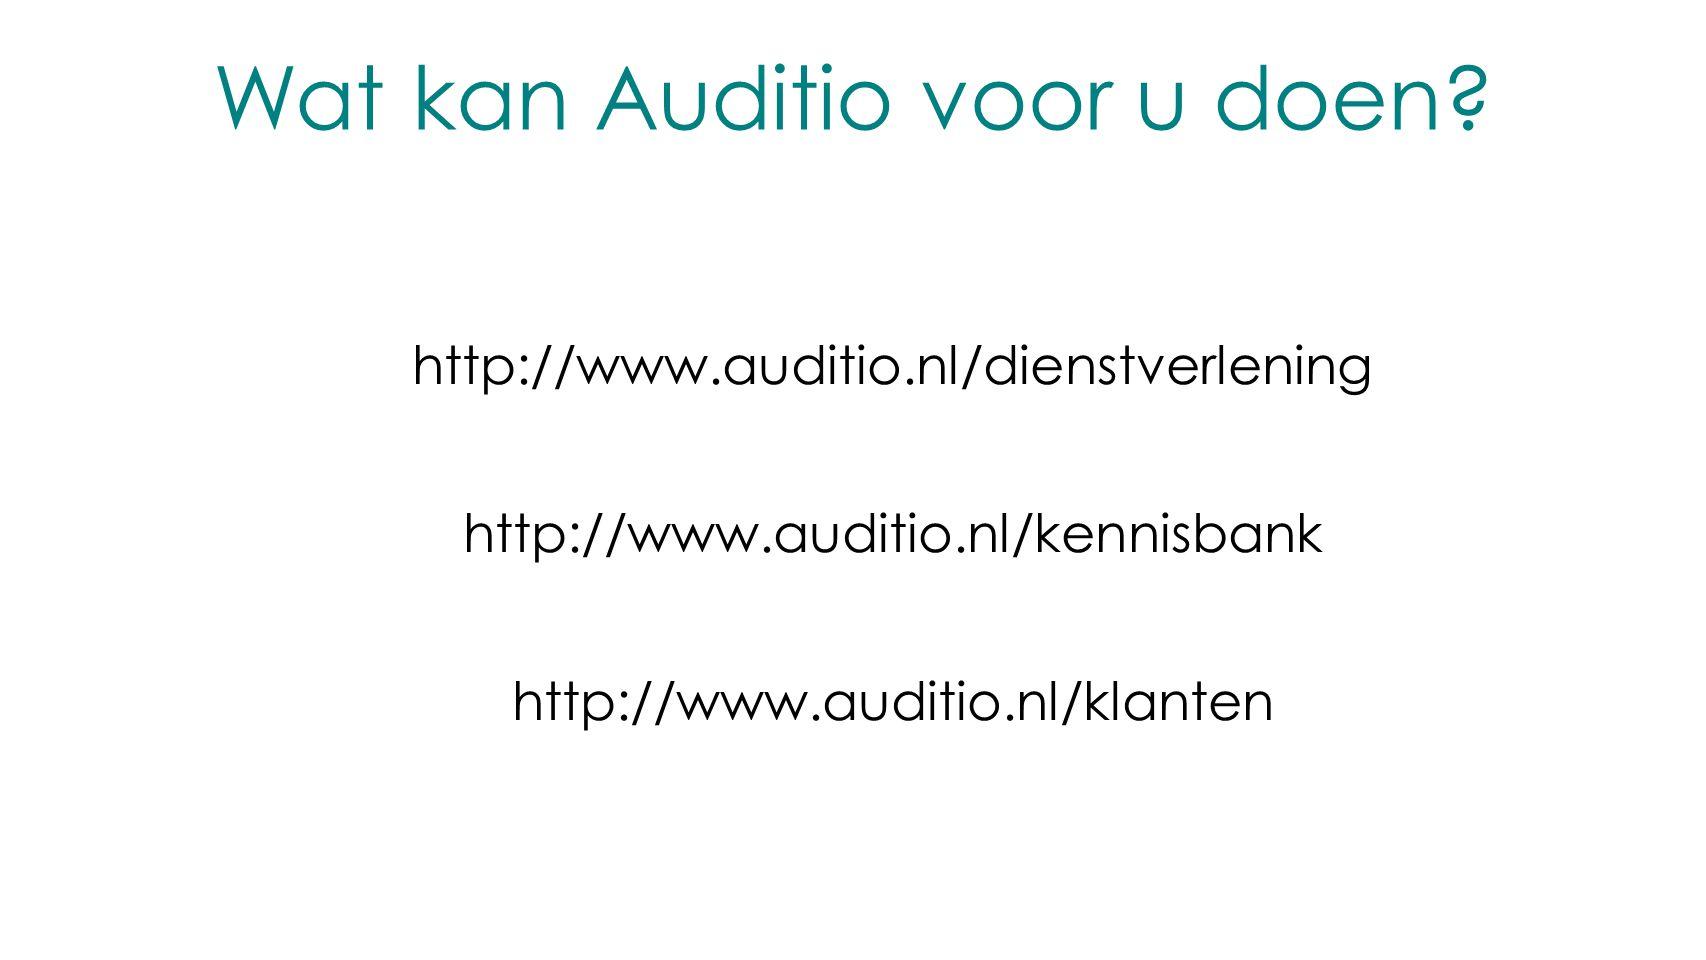 Wat kan Auditio voor u doen? http://www.auditio.nl/dienstverlening http://www.auditio.nl/kennisbank http://www.auditio.nl/klanten